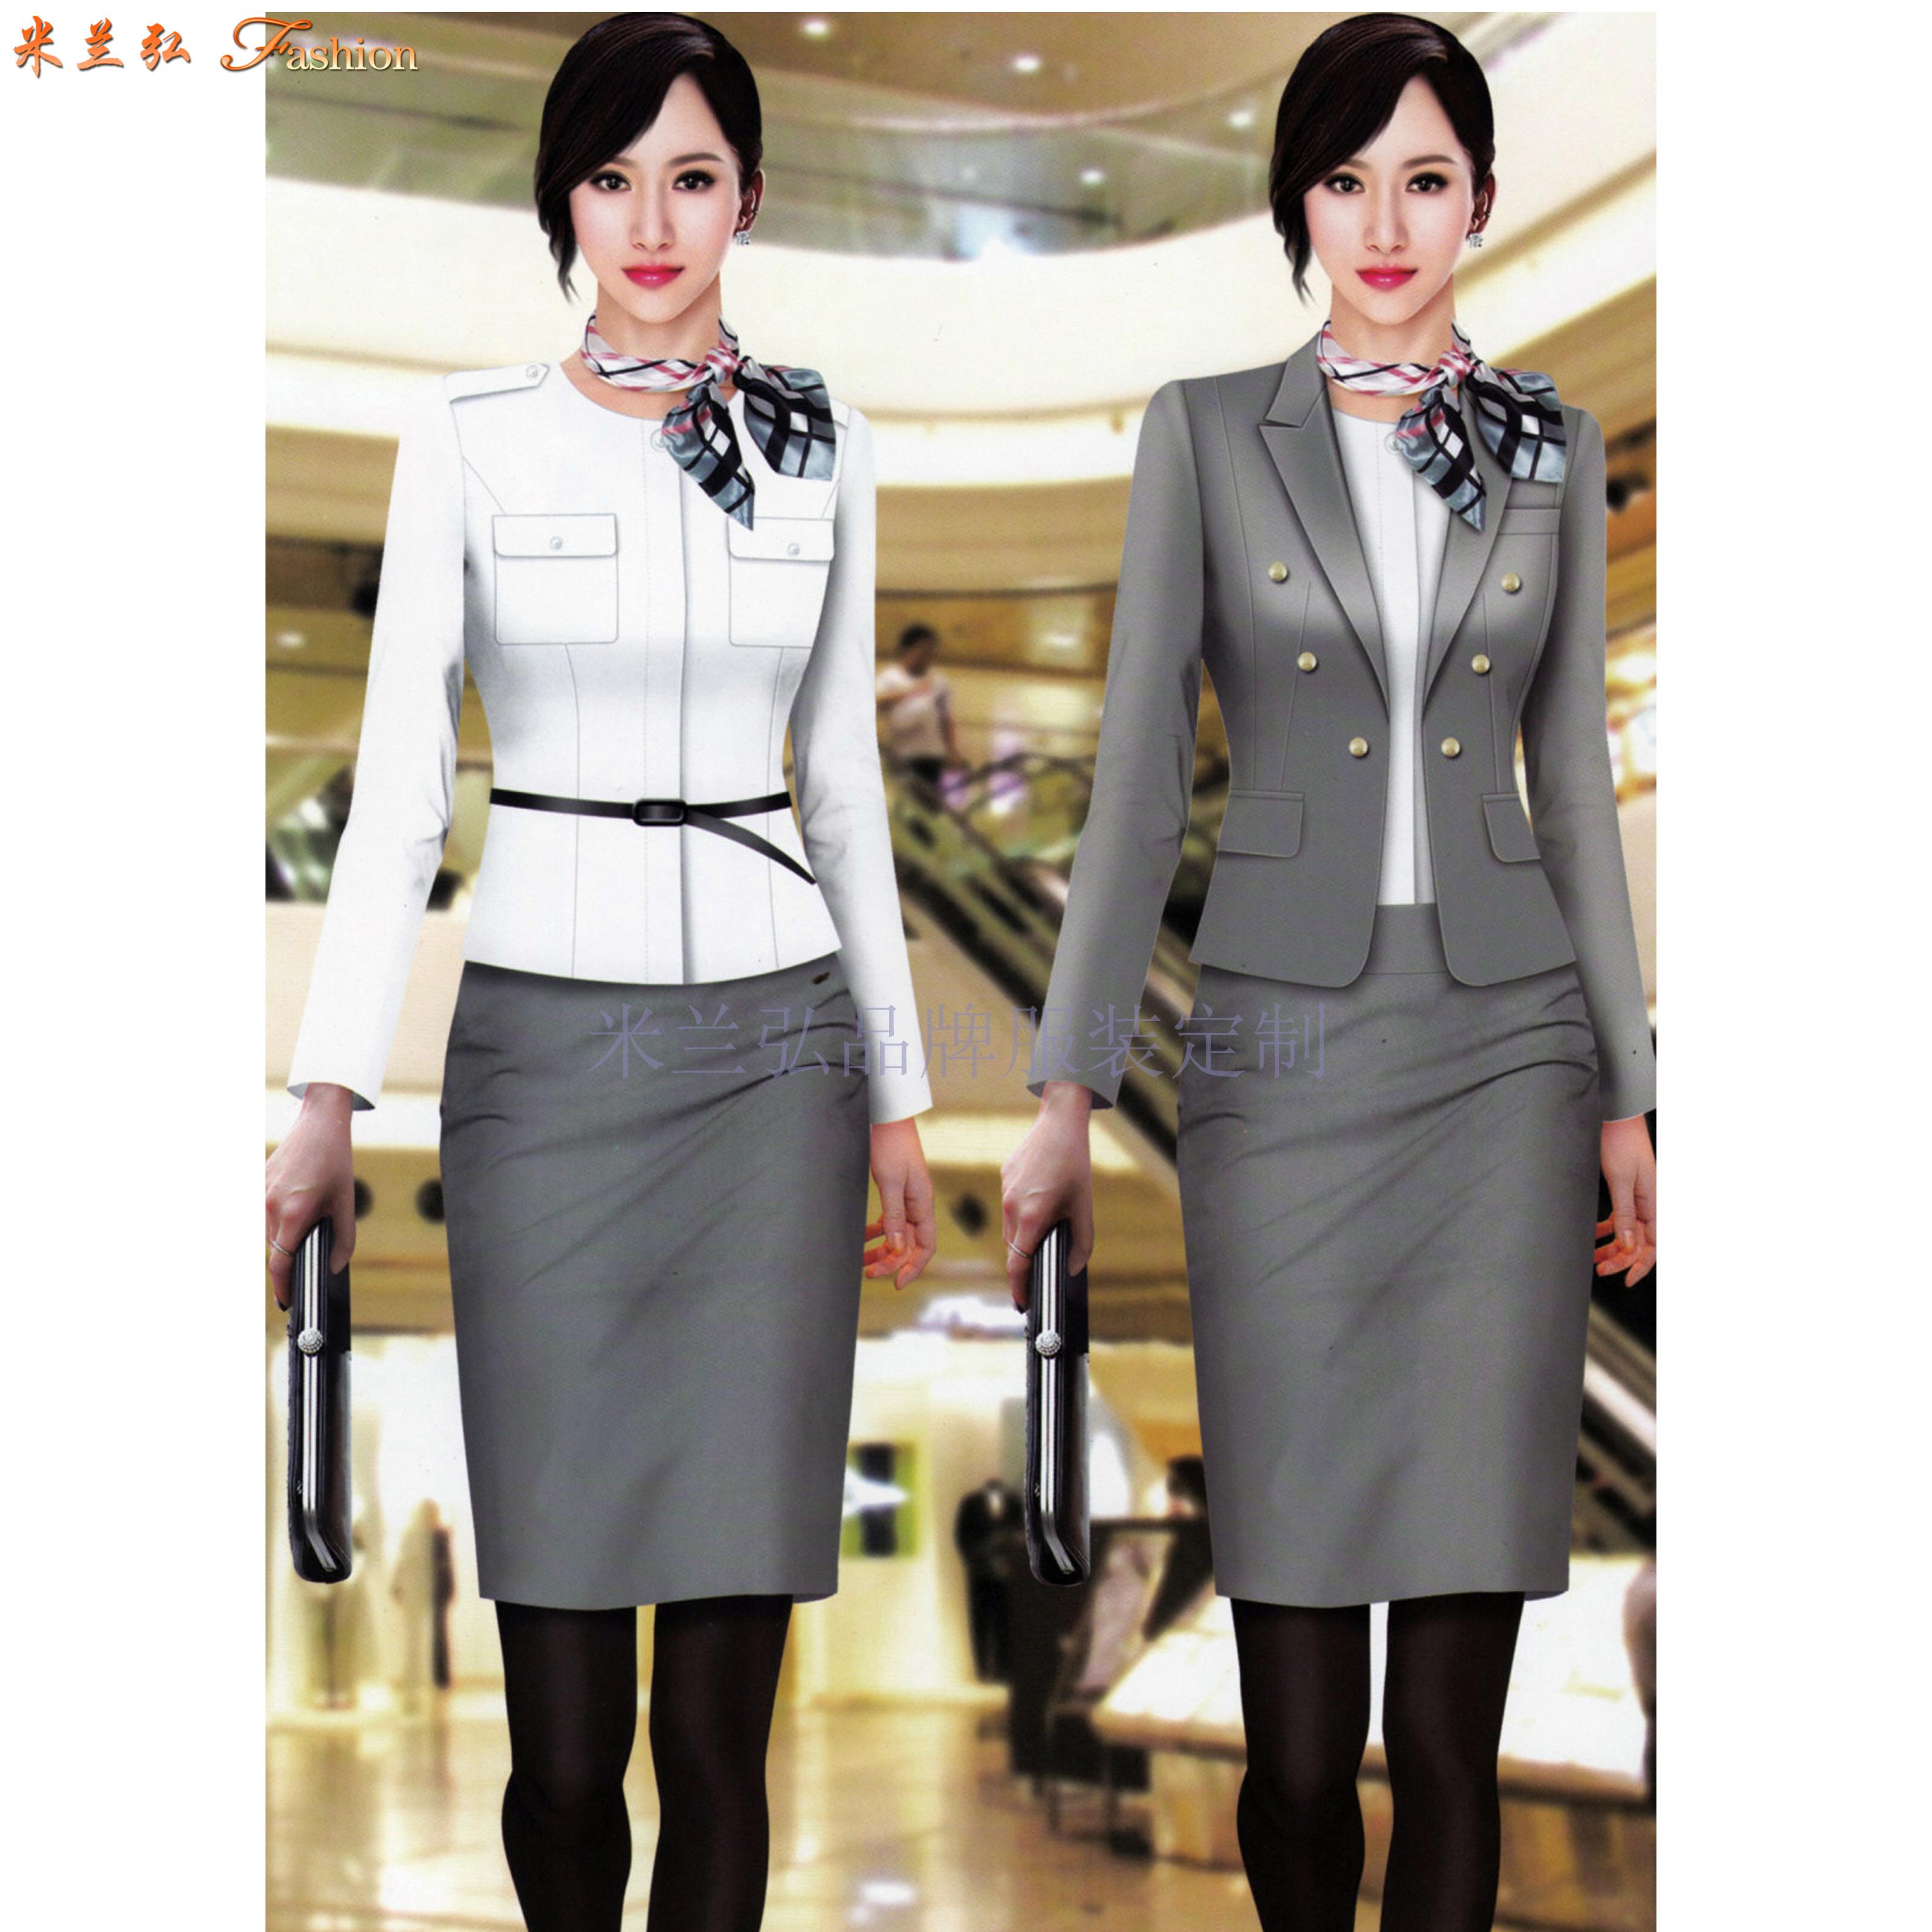 「修身女西服」采購批發市場優質女士西服價格品牌廠商_米蘭弘-1